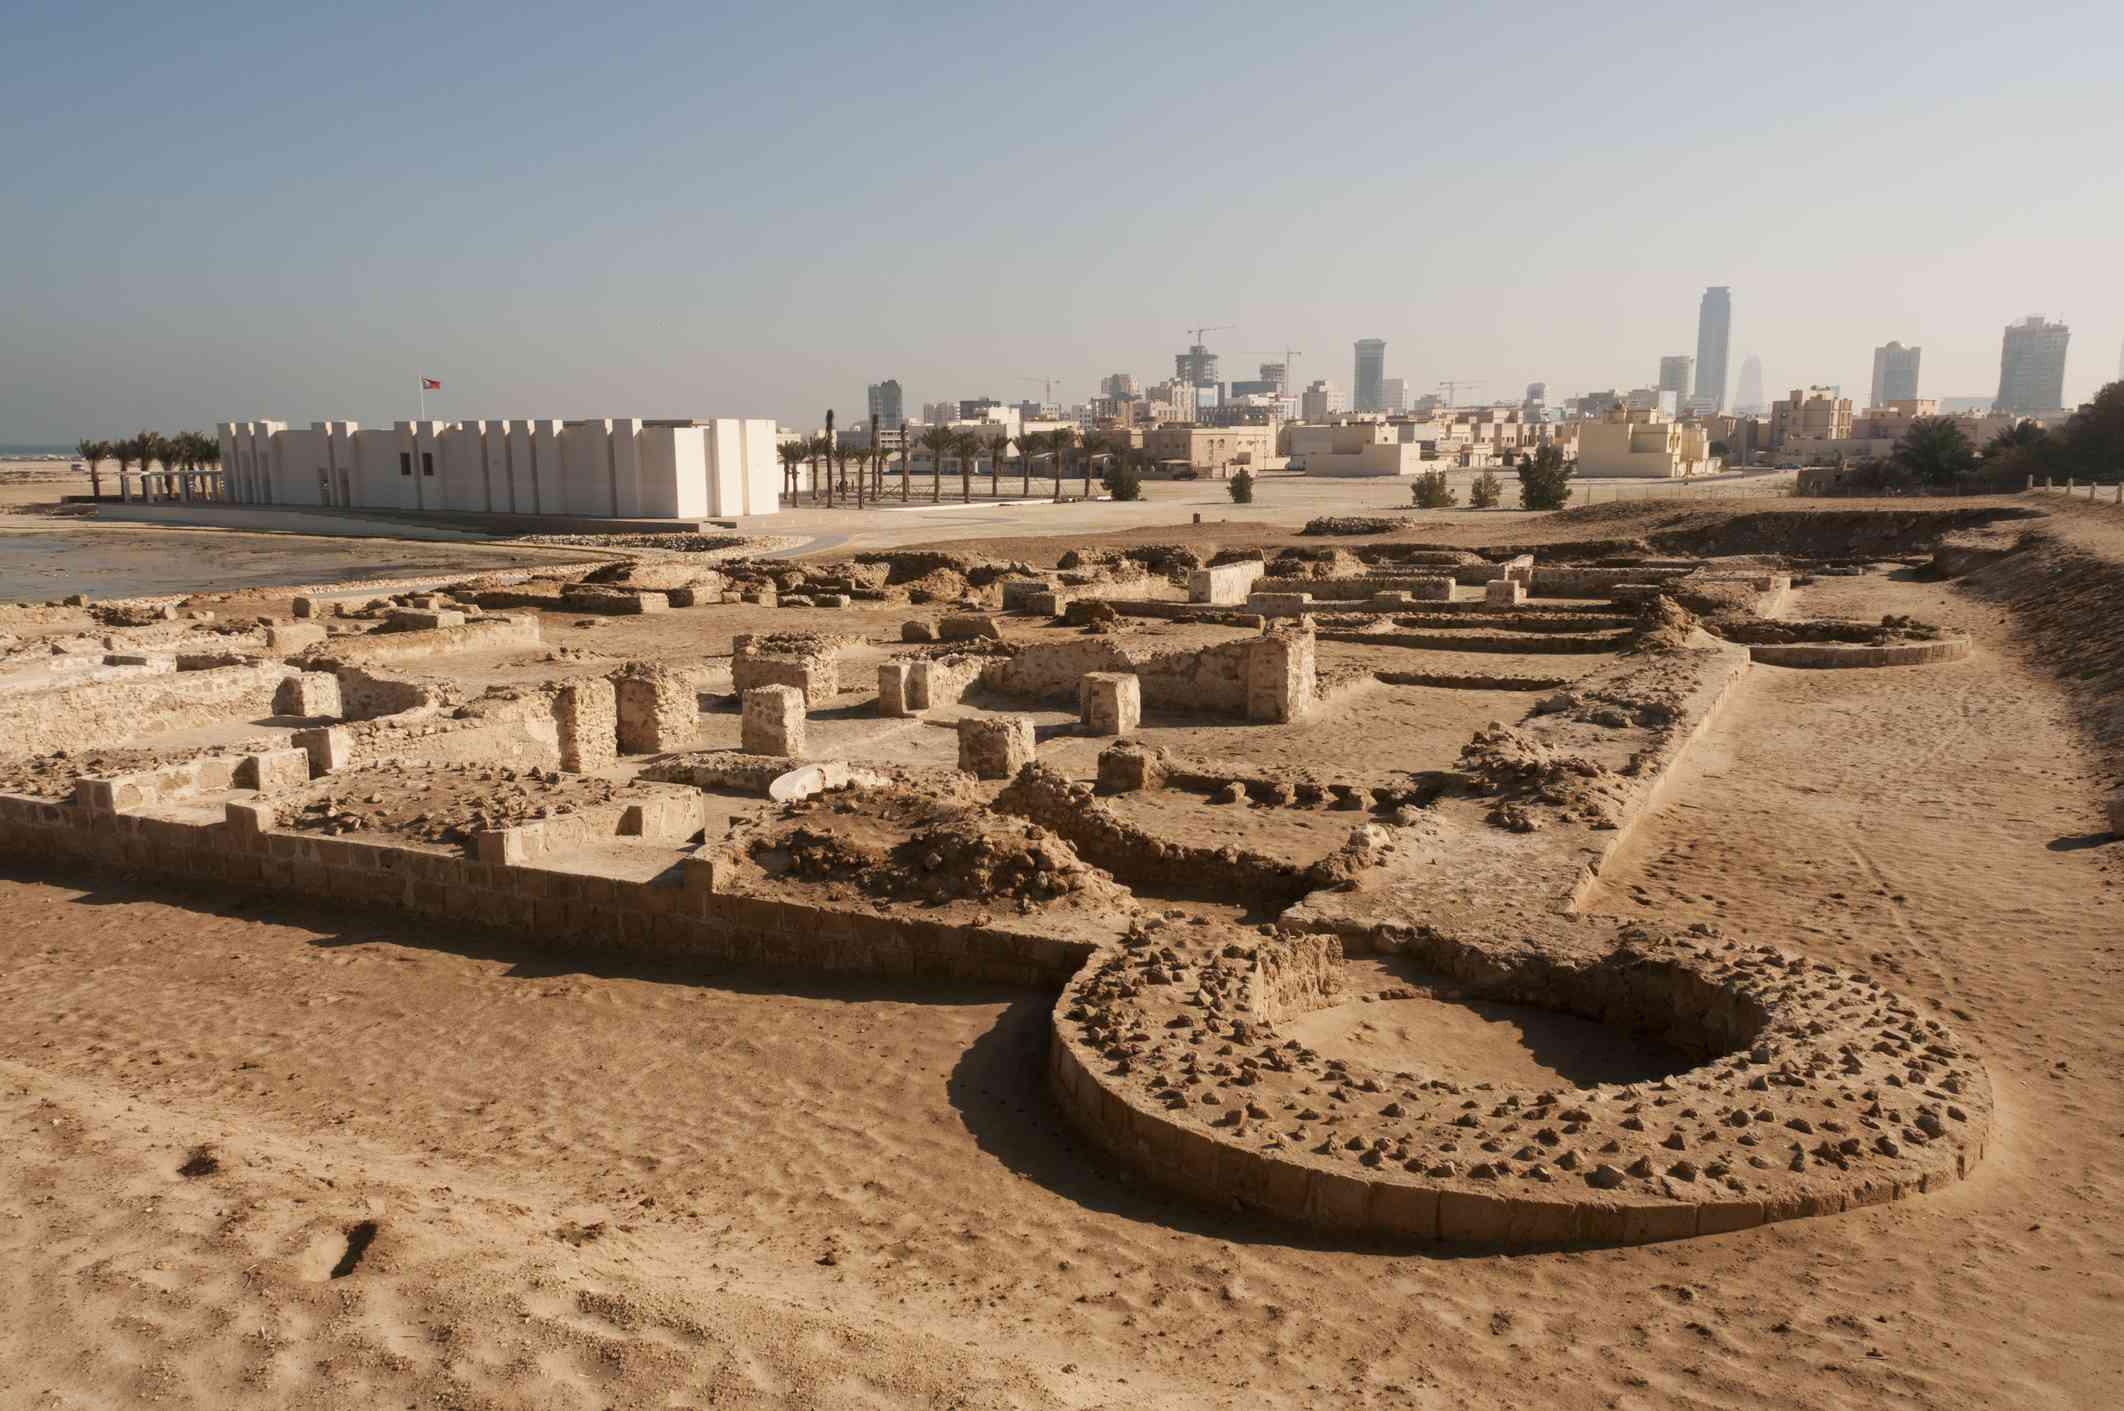 Bahrain Fort (Qal'at al Bahrain), ruins of ancient Dilmun